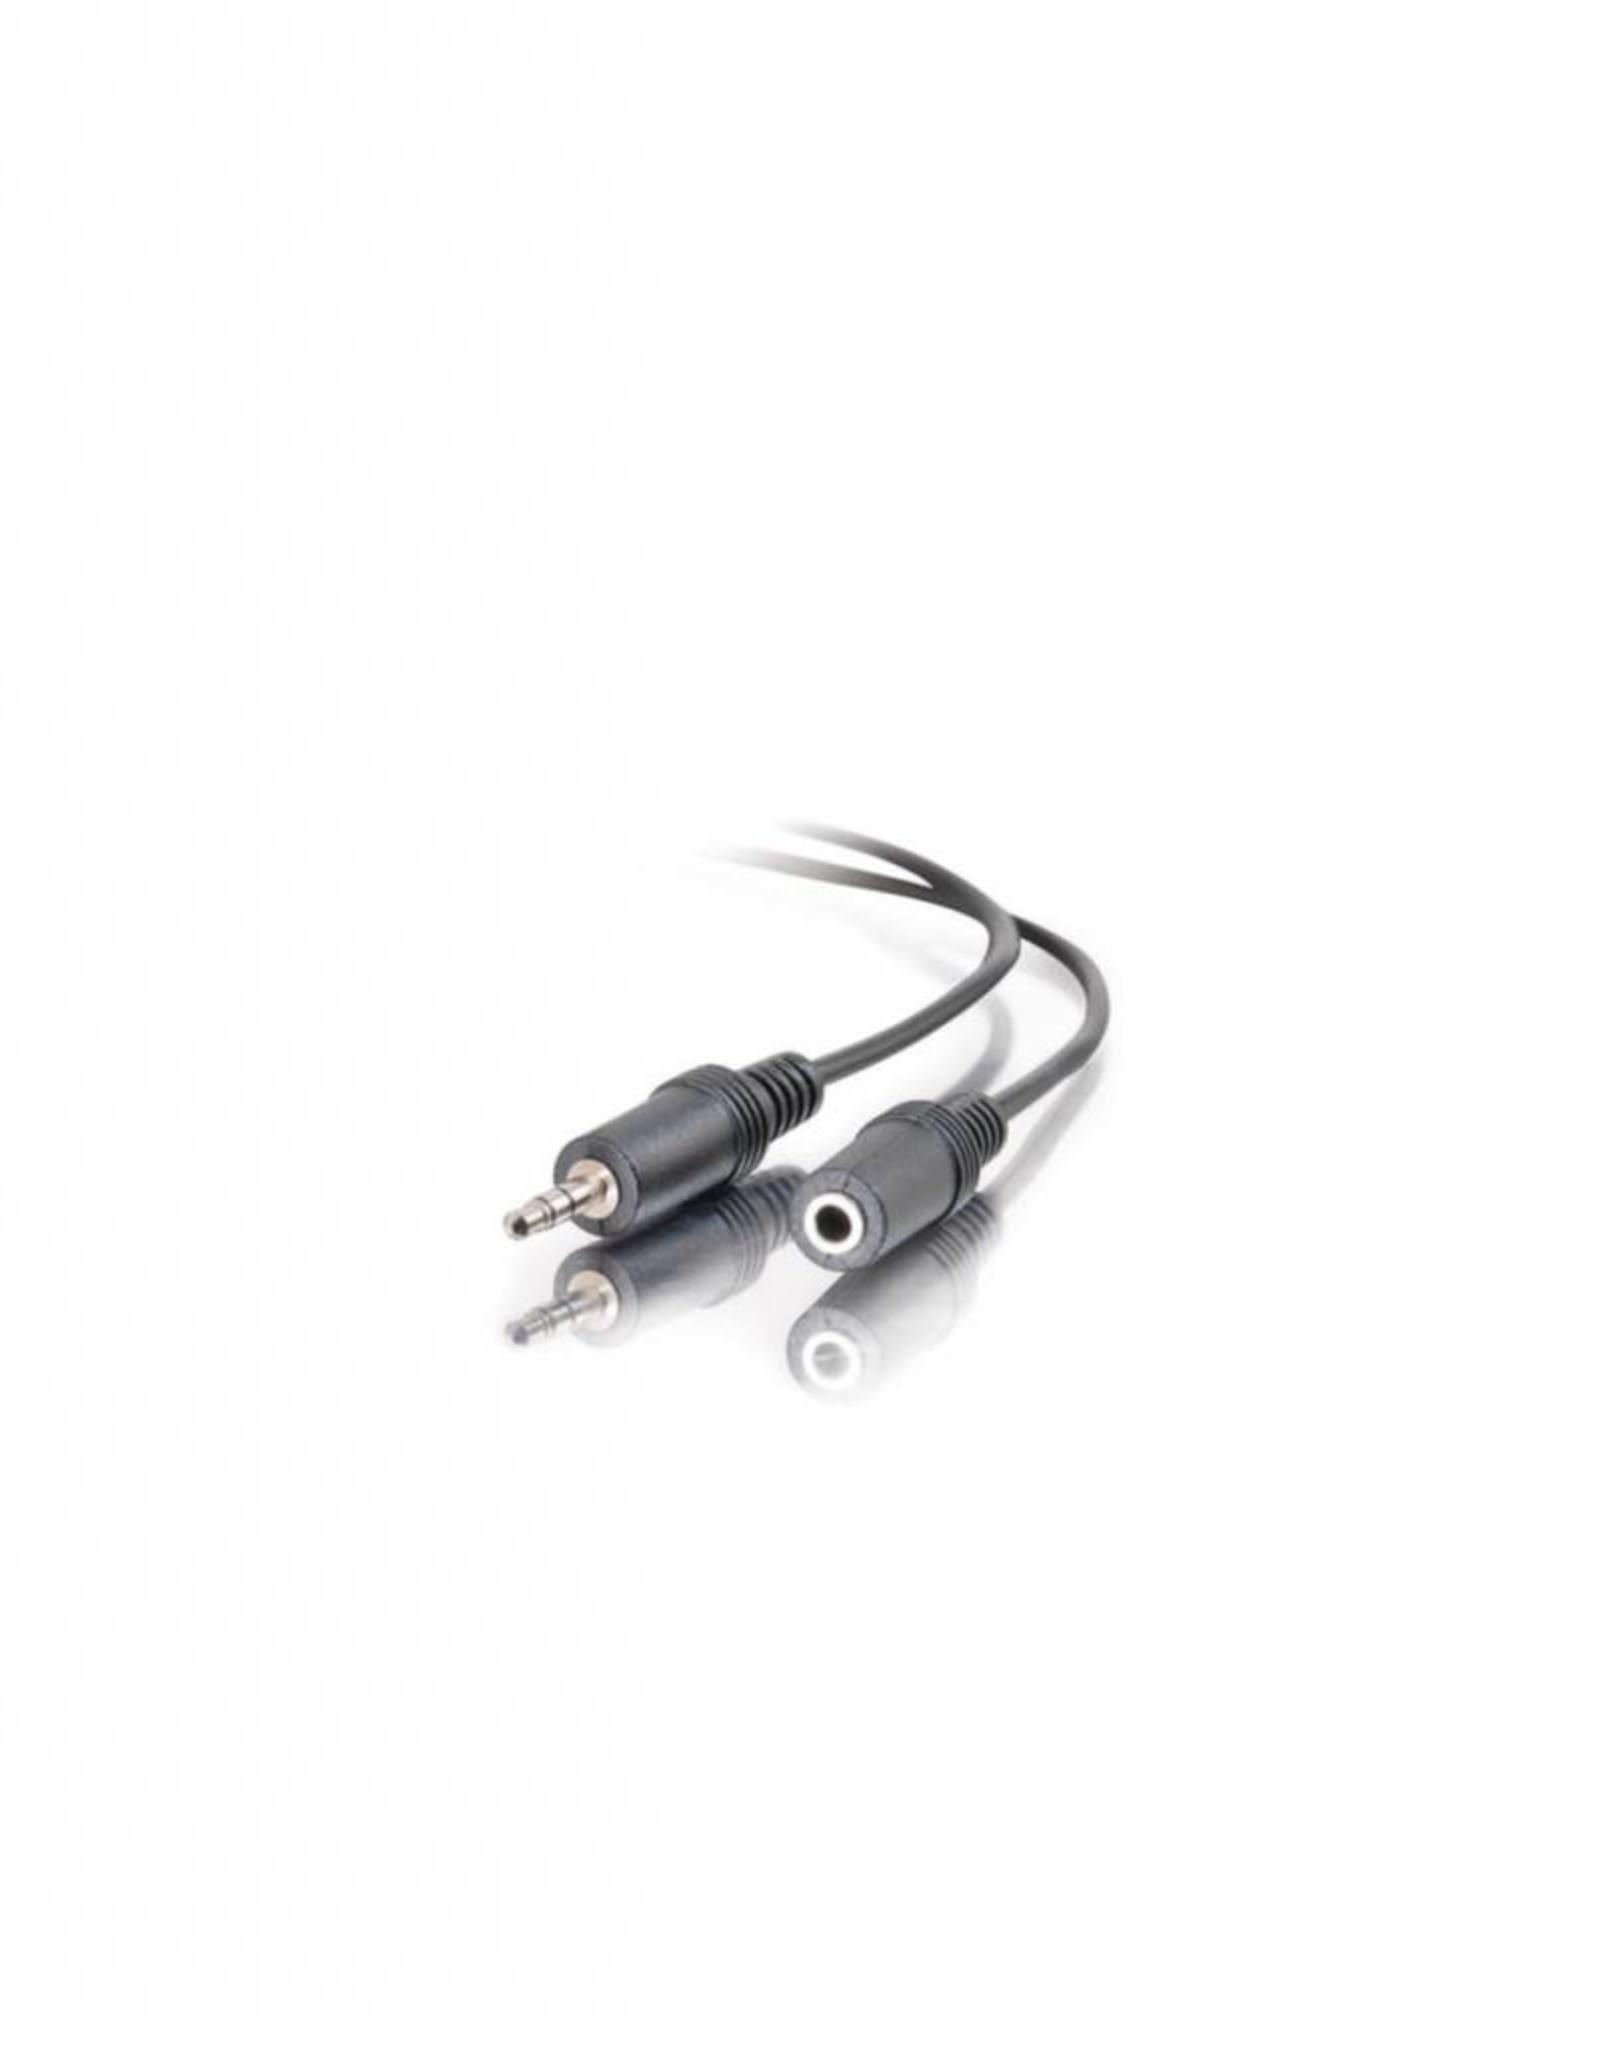 APC C2G 3.5MM AUDIO (AUX) EXTENSION CABLE 12'